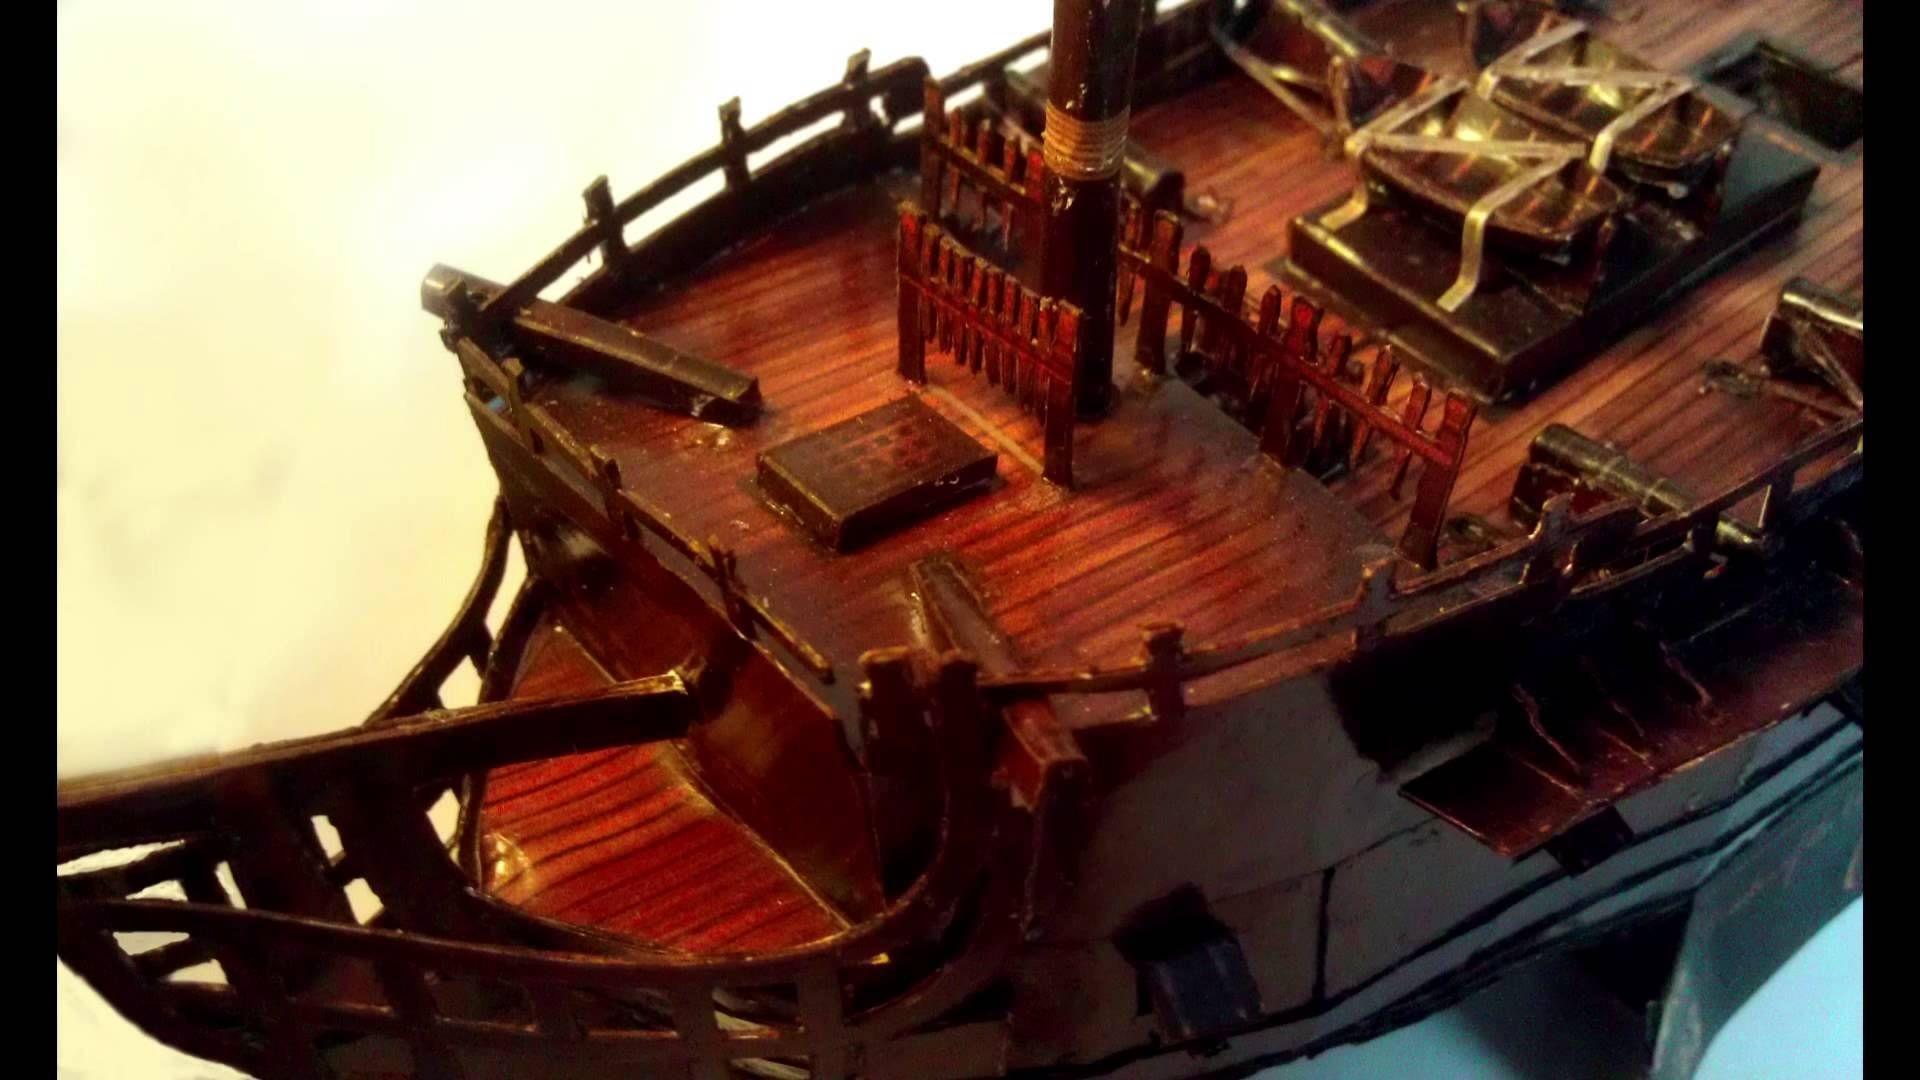 Papercraft Pirate Ship Картинки по запросу подеРка на тему пиратов карибского моря